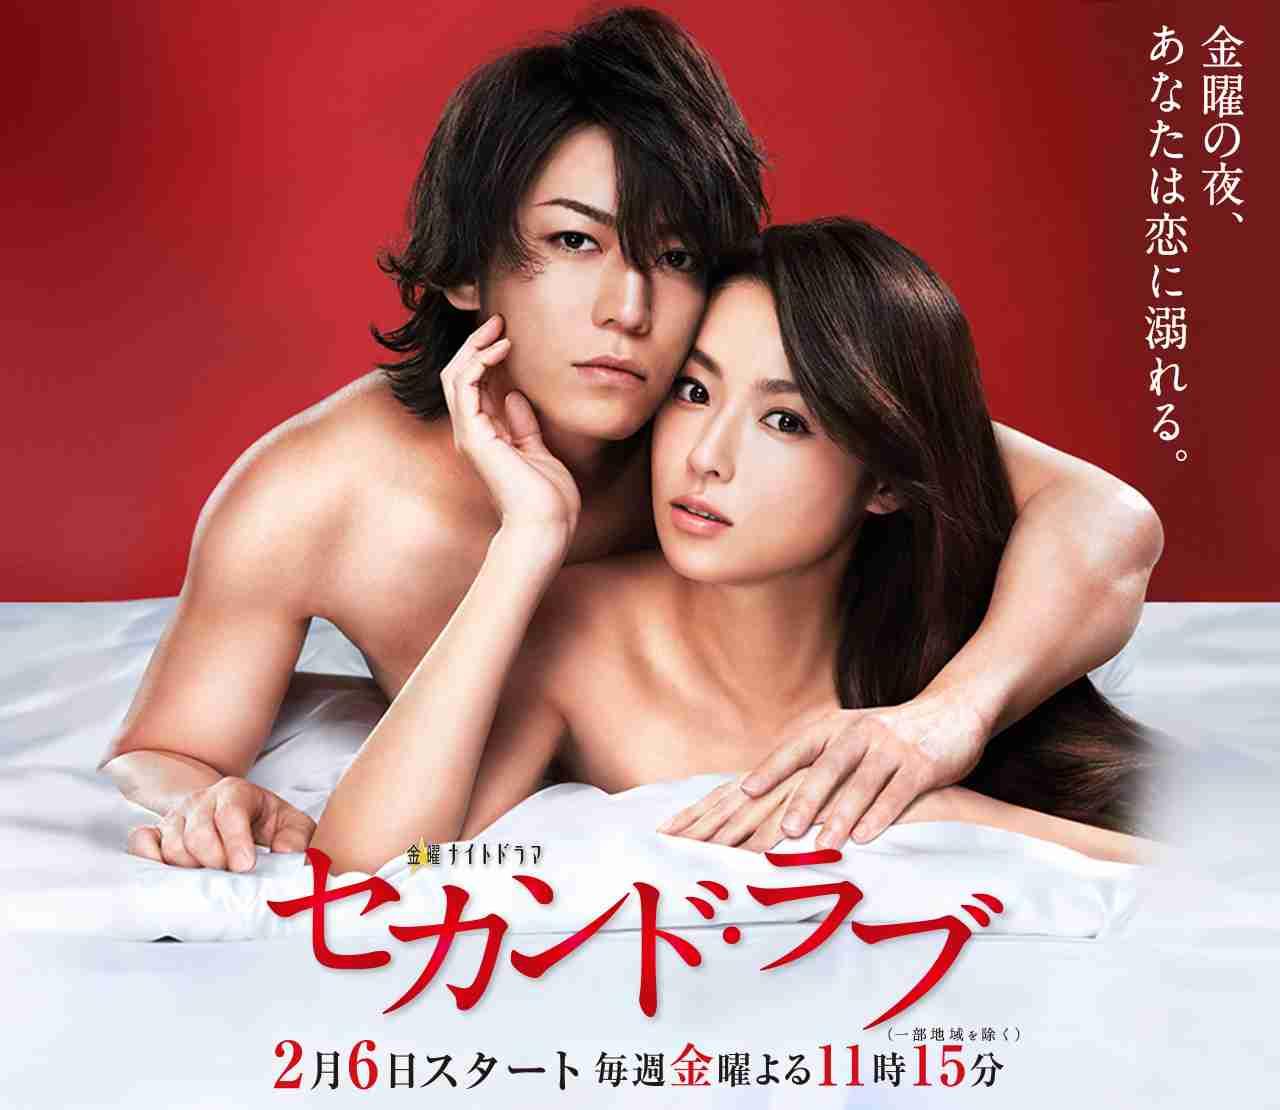 深田恭子、『セカンド・ラブ』で浮き彫りになった致命的ミス!濡れ場解禁も反響ナシ